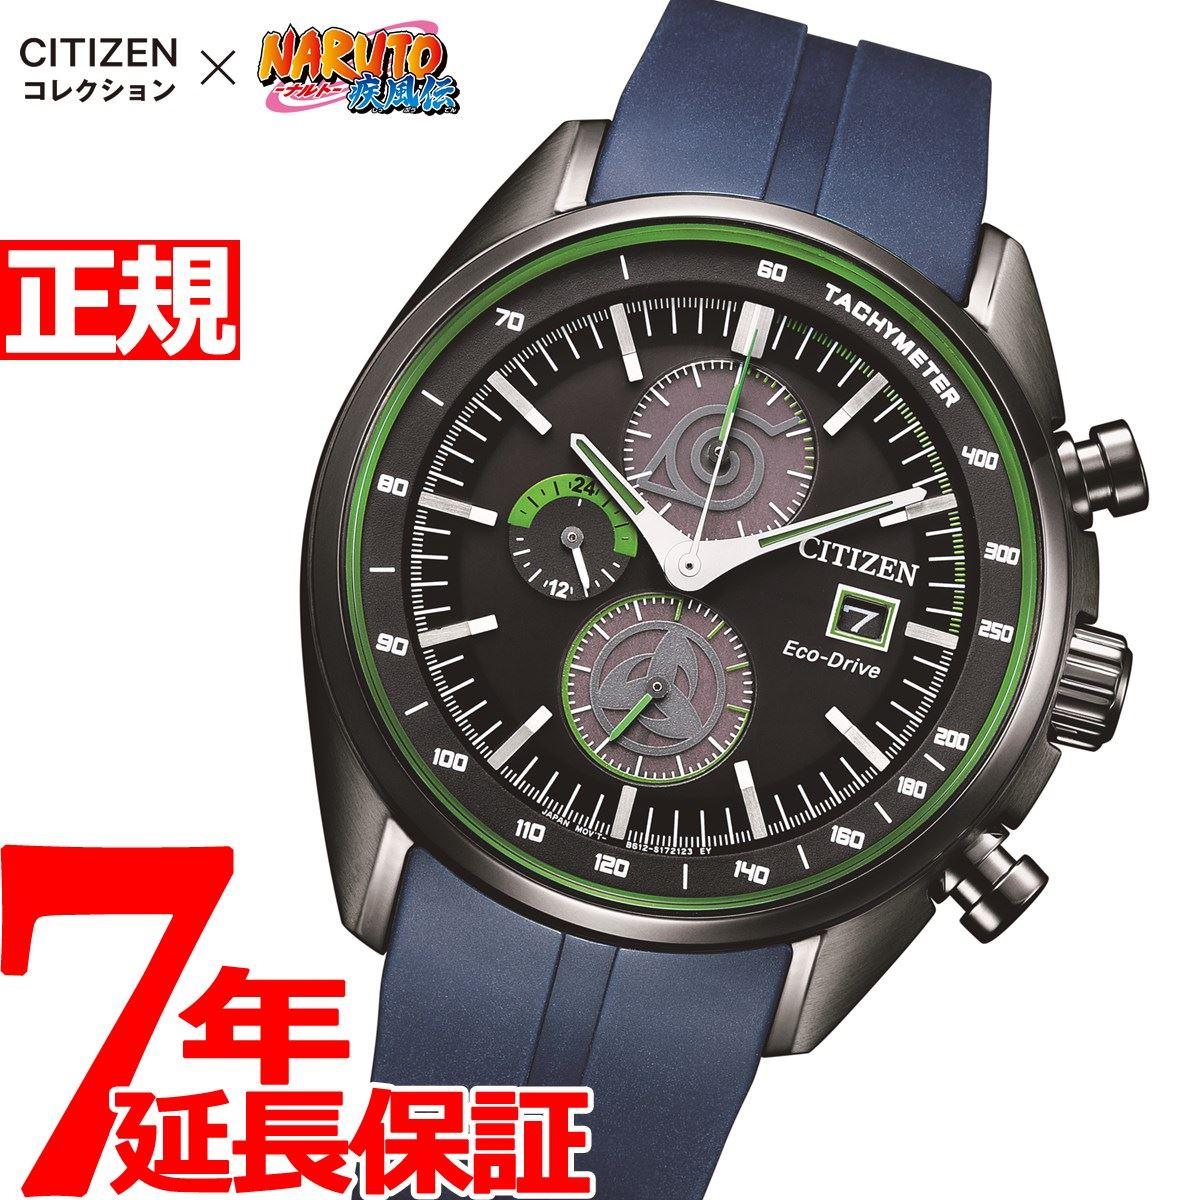 腕時計, メンズ腕時計 18102000OFF37.5NARUTO CITIZEN CA0597-24E2020